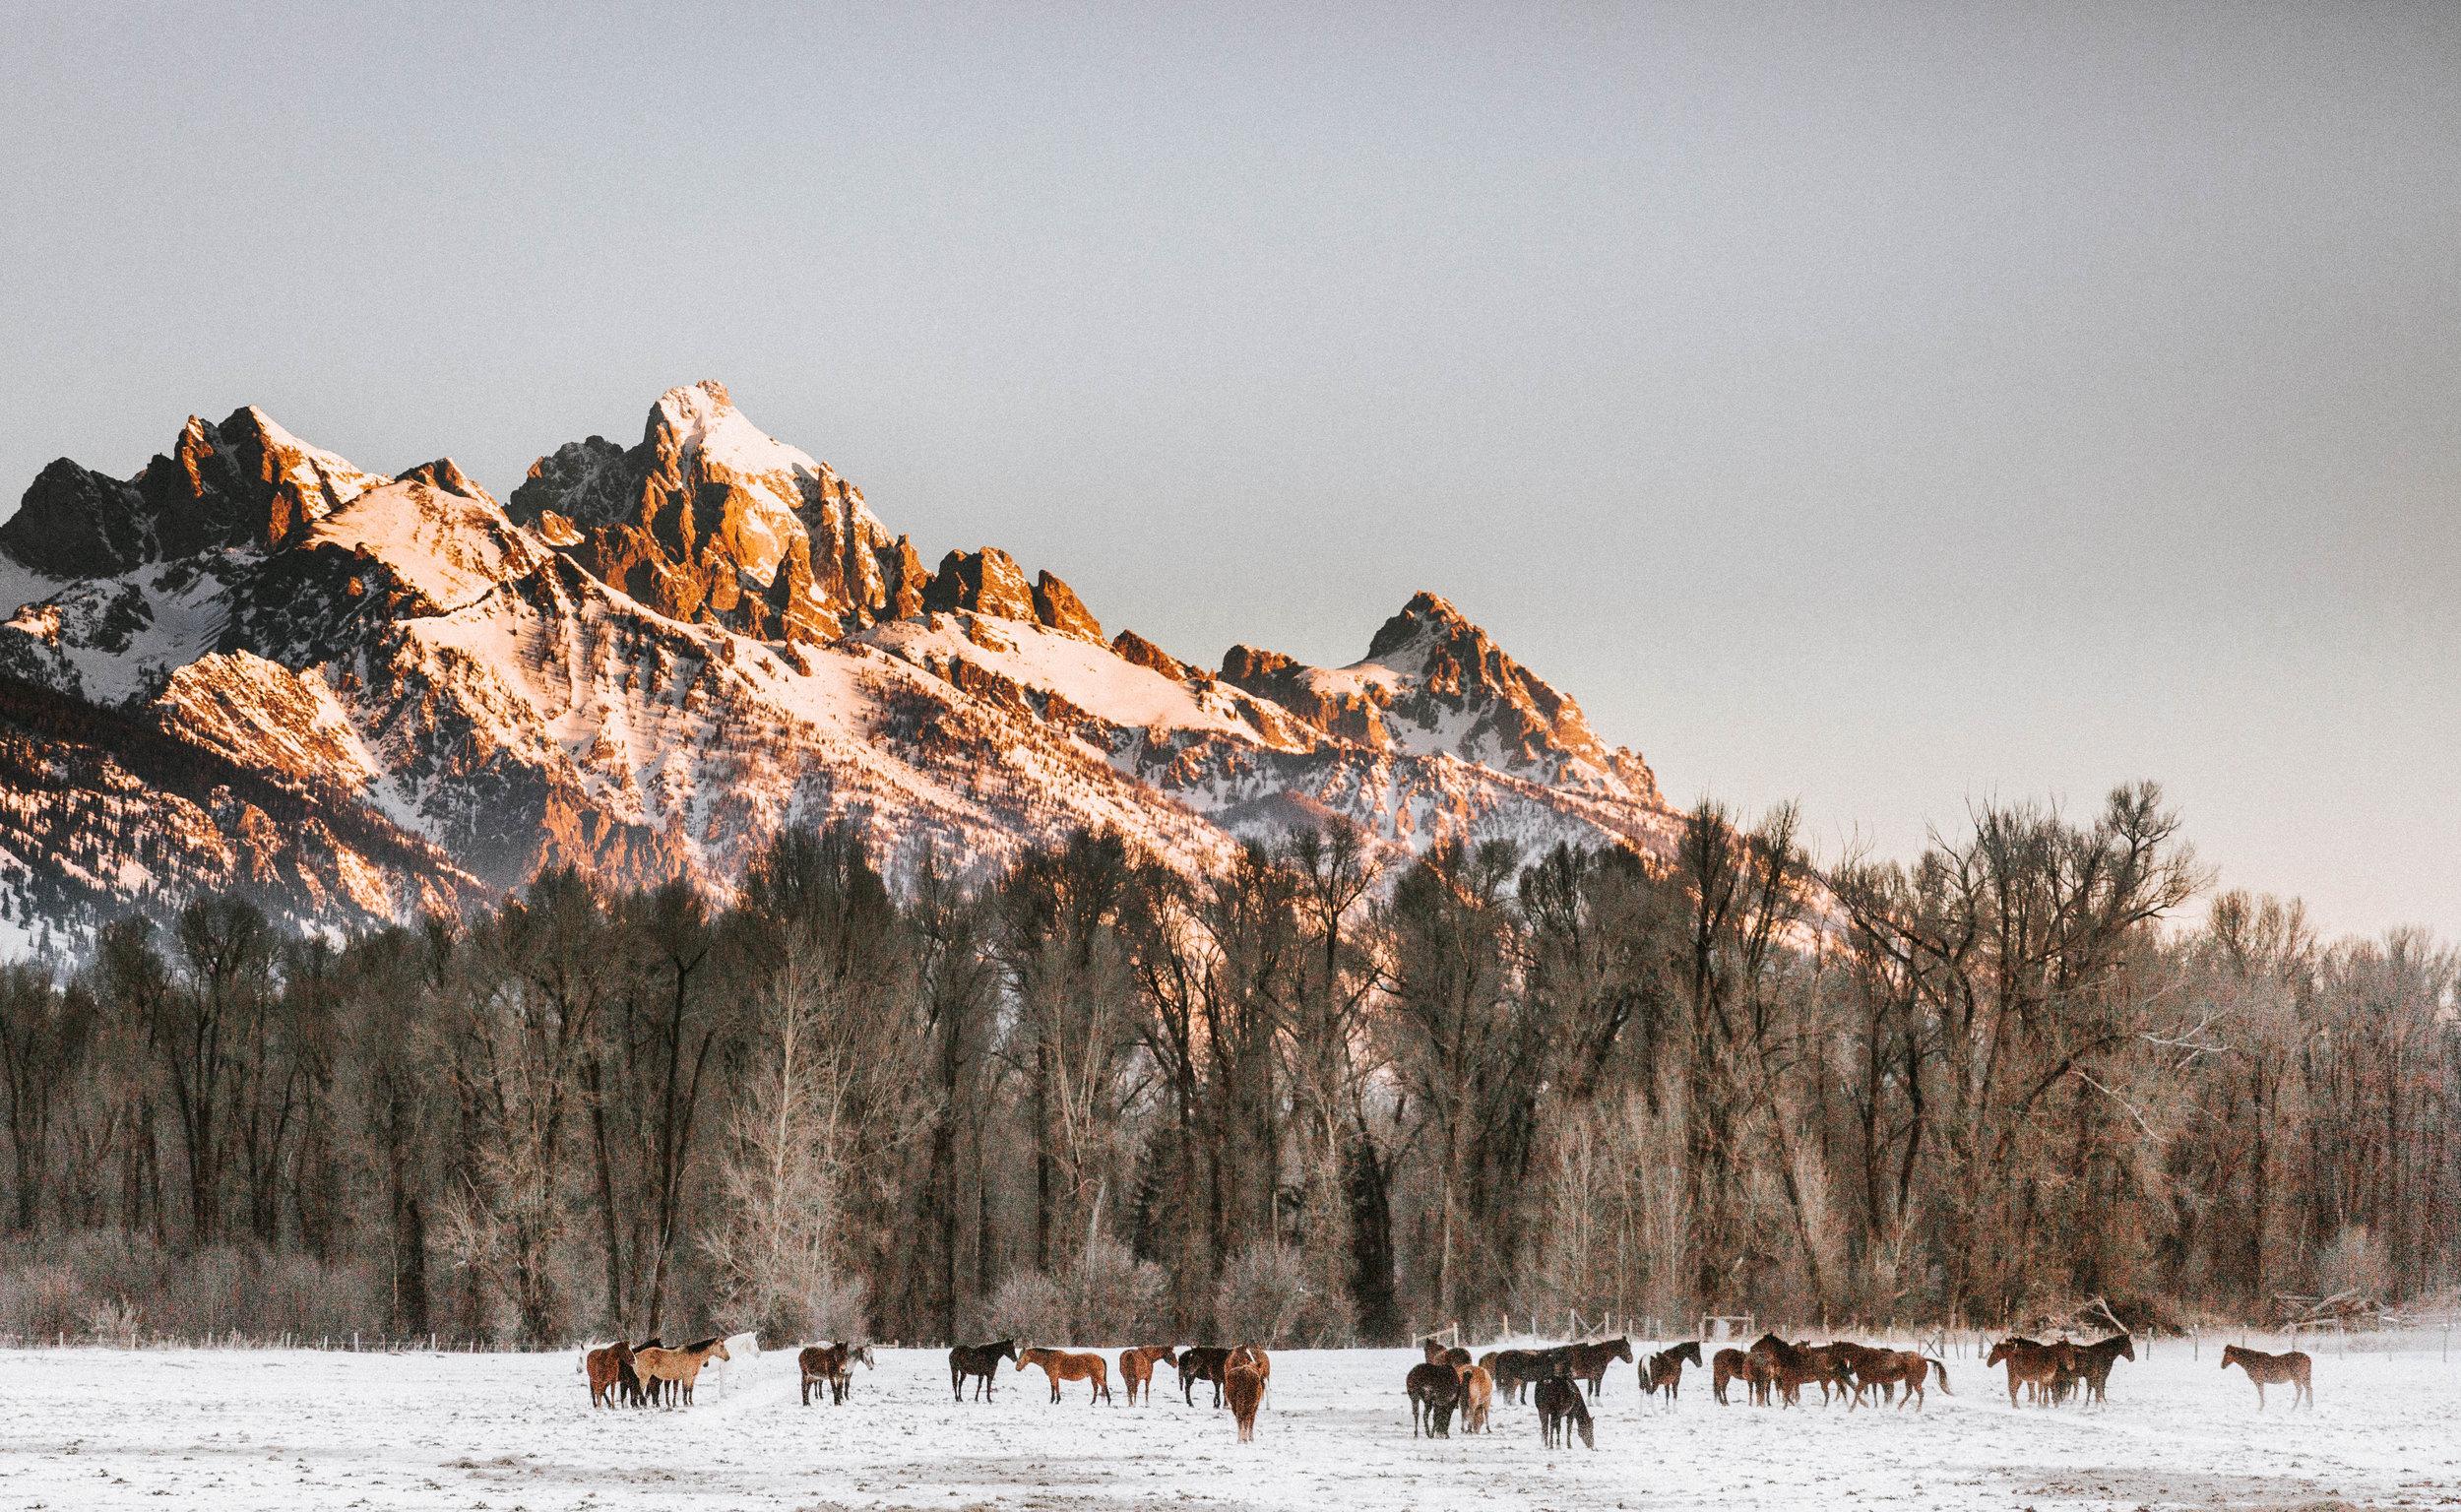 Nicole-Daacke-Photography-Vibrant-Landscape-National-Geographic-Jackson-Hole-Wyoming-grand-tetons-Photography-38.jpg